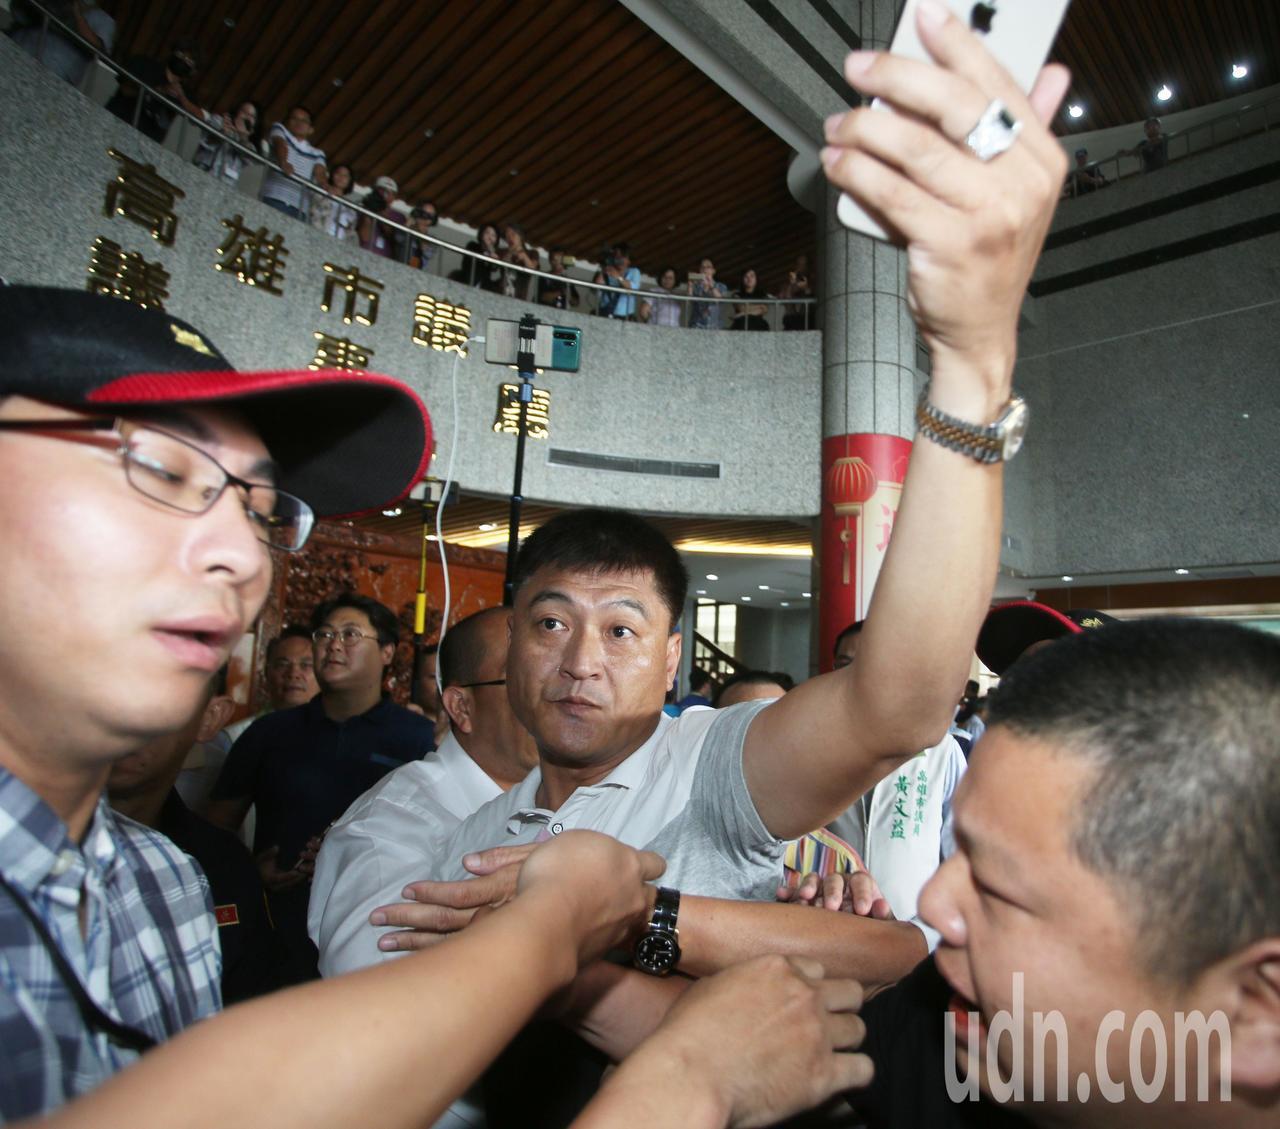 韓國瑜支持者不滿民進黨團態度,在場外爆發衝突。記者劉學聖/攝影